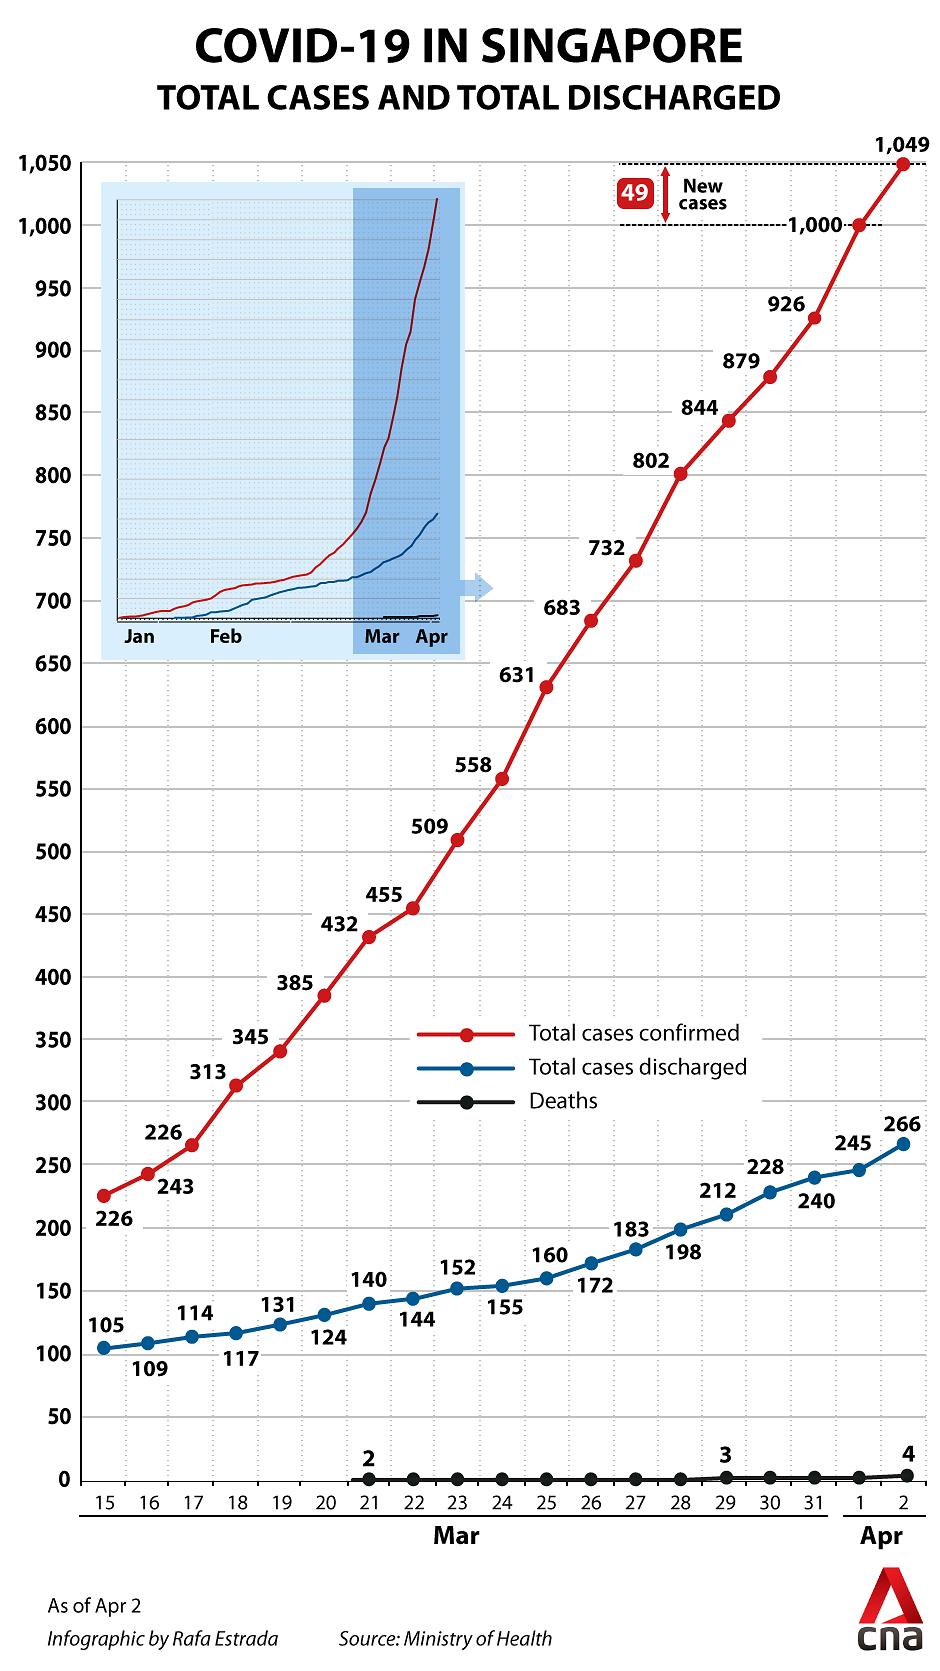 Cập nhật dịch virus corona trên thế giới ngày 3/4: Mỹ kêu gọi người dân đeo khẩu trang khi có trên 1.000 ca tử vong trong ngày, dự báo châu Âu có thể sắp đạt đến đỉnh điểm dịch - Ảnh 5.